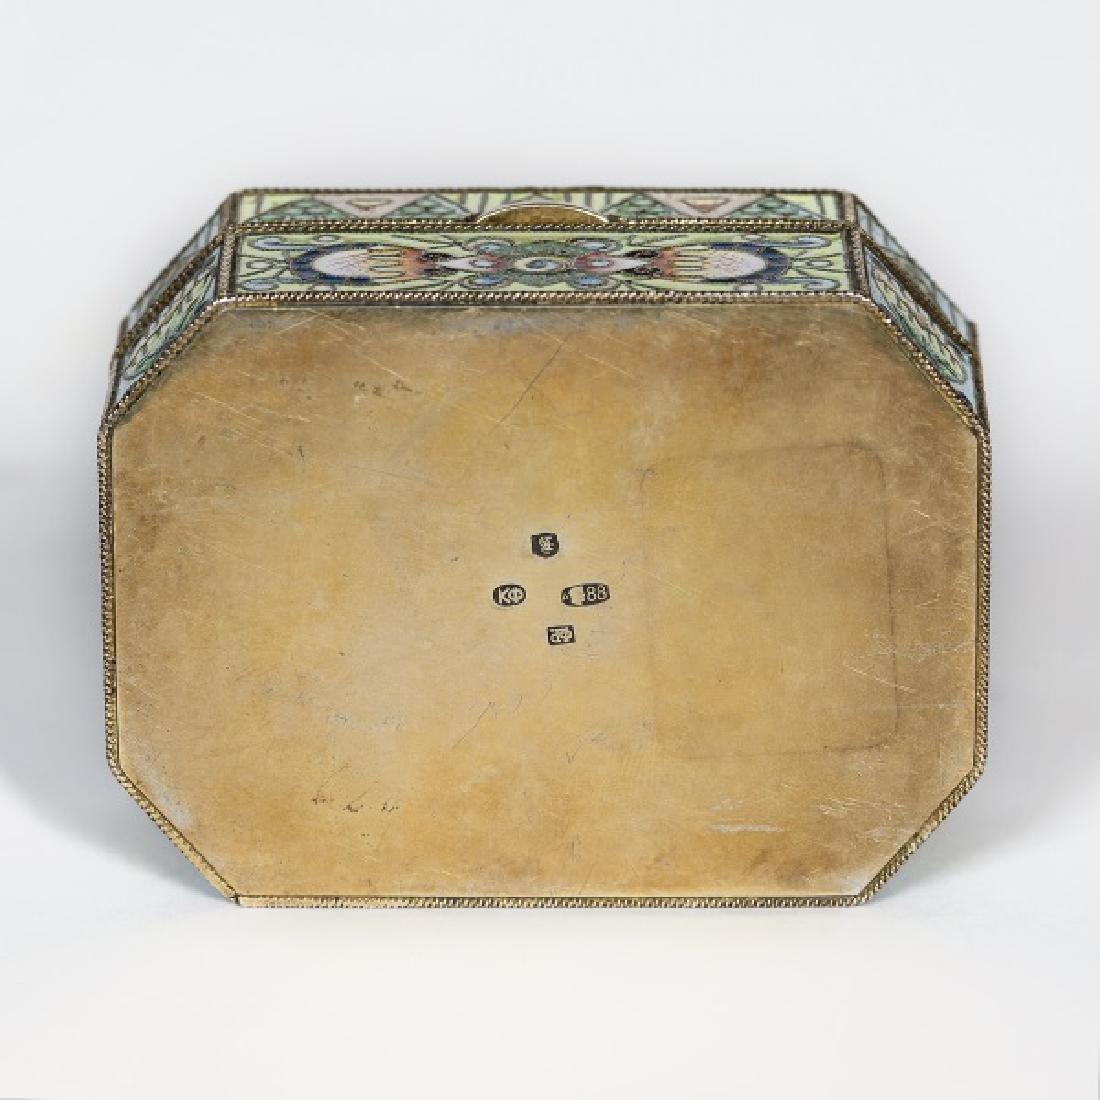 Faberge Silver Gilt Enamel Box, Feodor Ruckert - 6